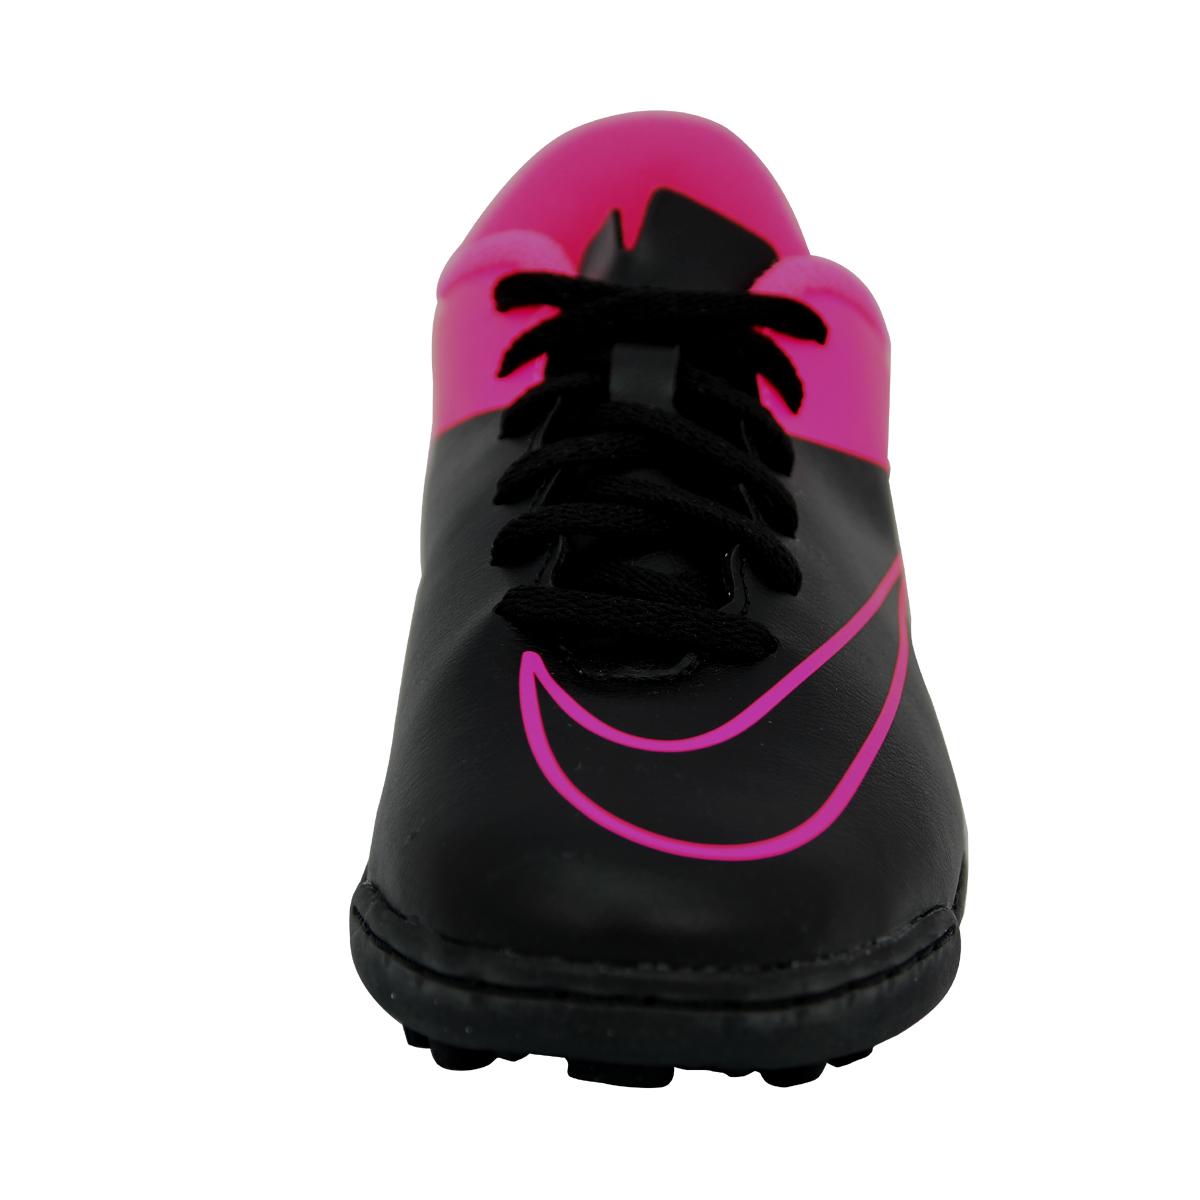 sports shoes 6facd 88916 Nike JR MERCURIAL VORTEX II TF Chaussures de Football Fille Enfant Noir Rose  5 5 sur 6 Voir Plus